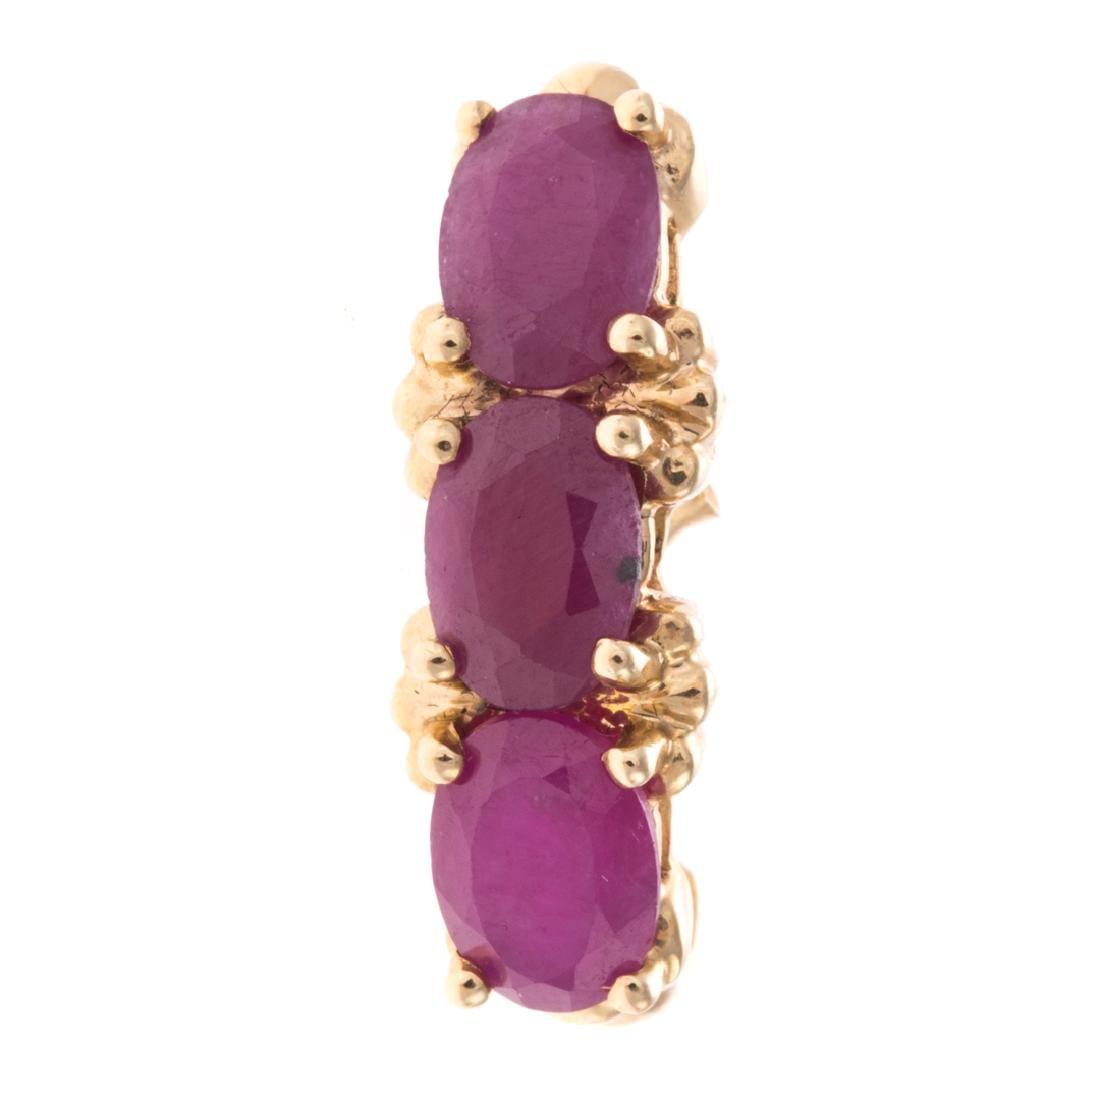 A Pair of Ruby Earrings in 14K & Vintage Bracelet - 4